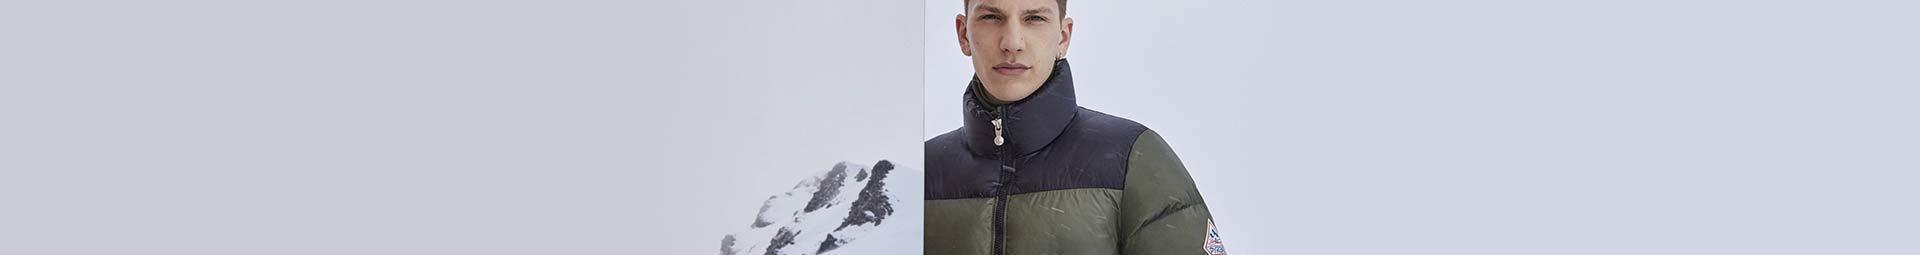 Doudoune homme | Doudounes légères, chaudes, sans manches - Pyrenex